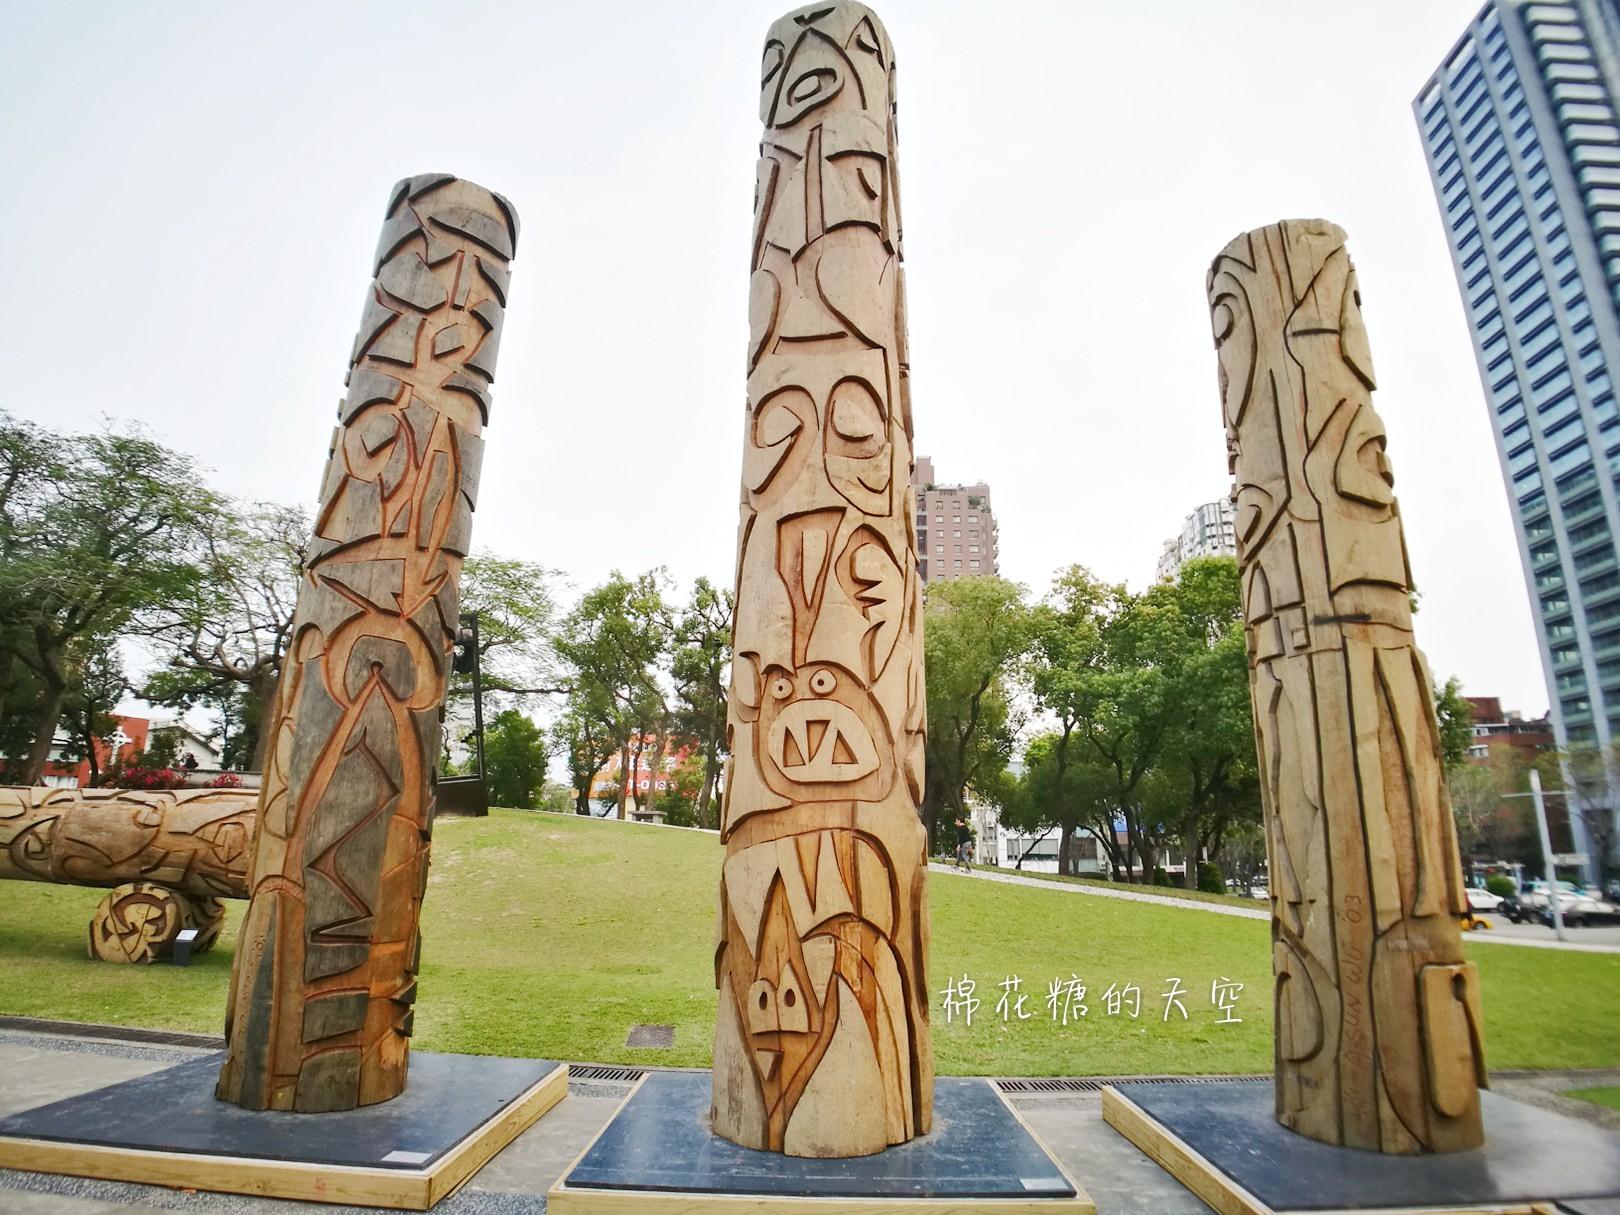 20180319190458 45 - 國立美術館被外星人佔據了?!五層樓高巨型雕塑被巨木圍繞好像電影場景!吳炫三回顧展